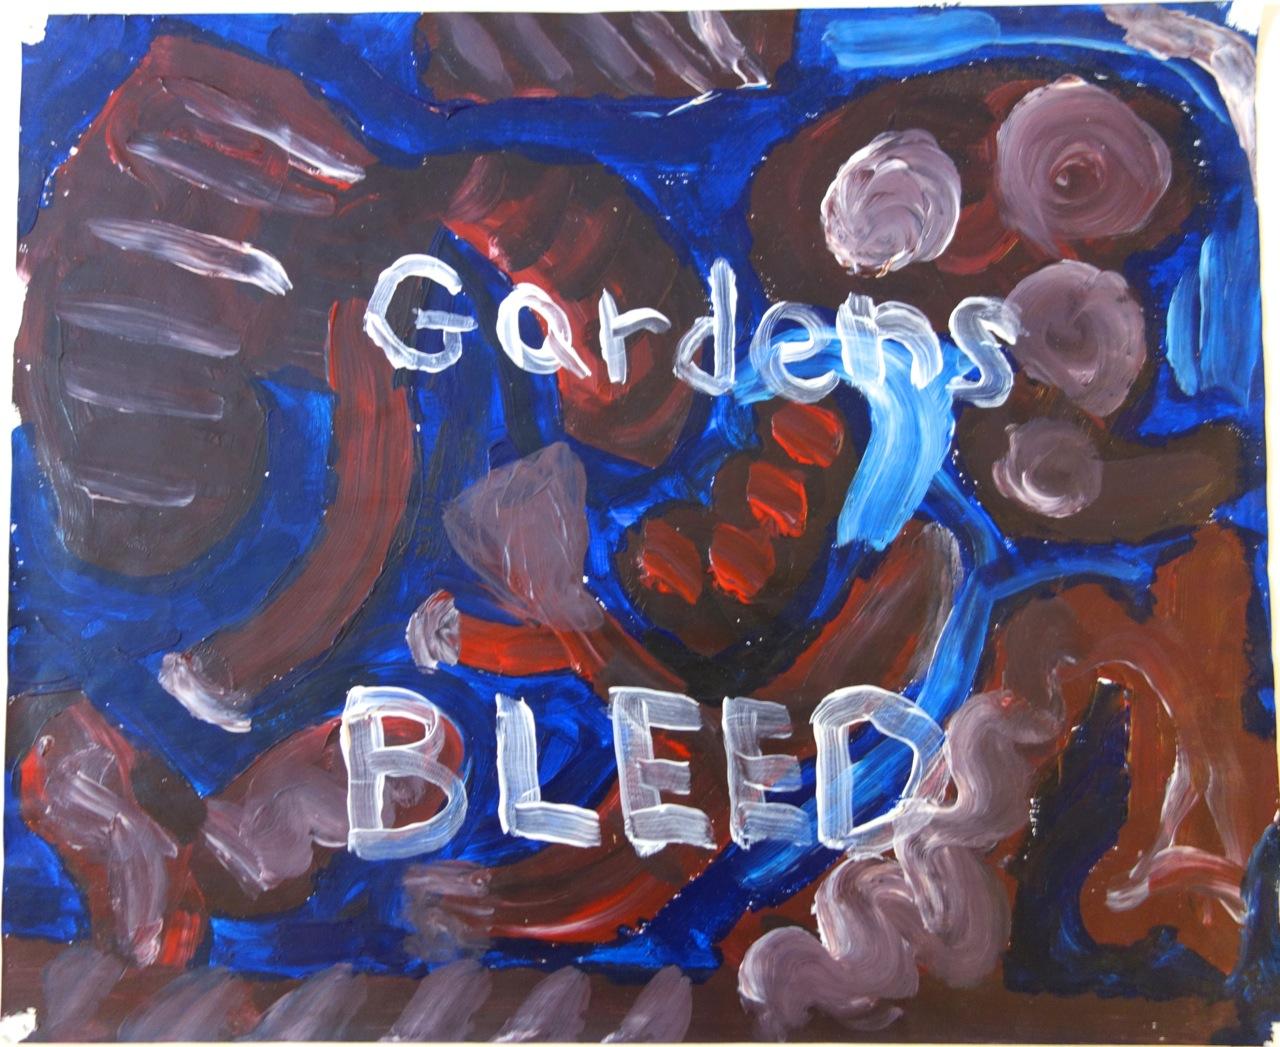 Gardens Bleed